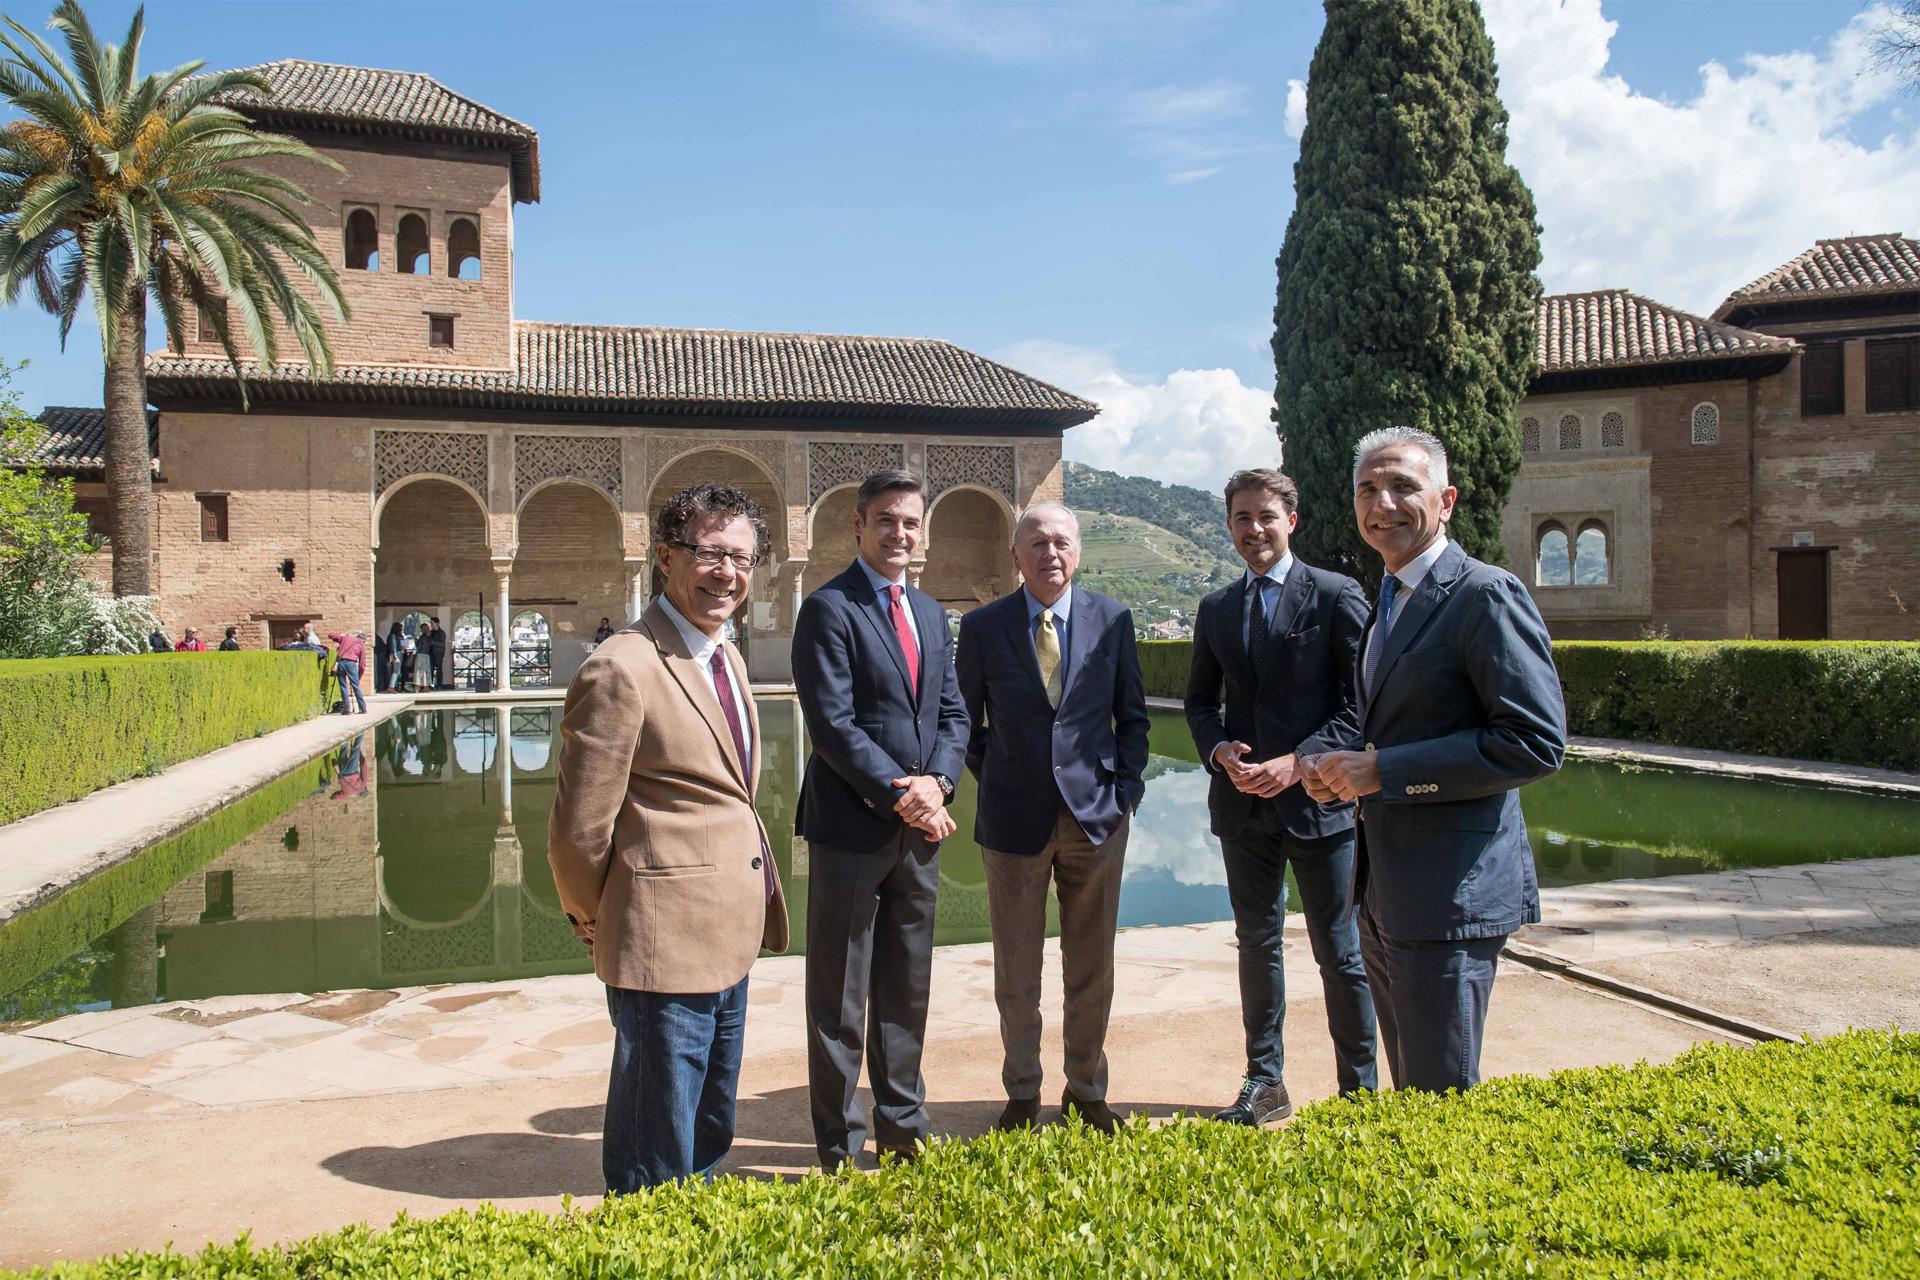 La Alhambra y World Monuments Fund invertirán más de 250.000€ para restaurar espacios del Monumento